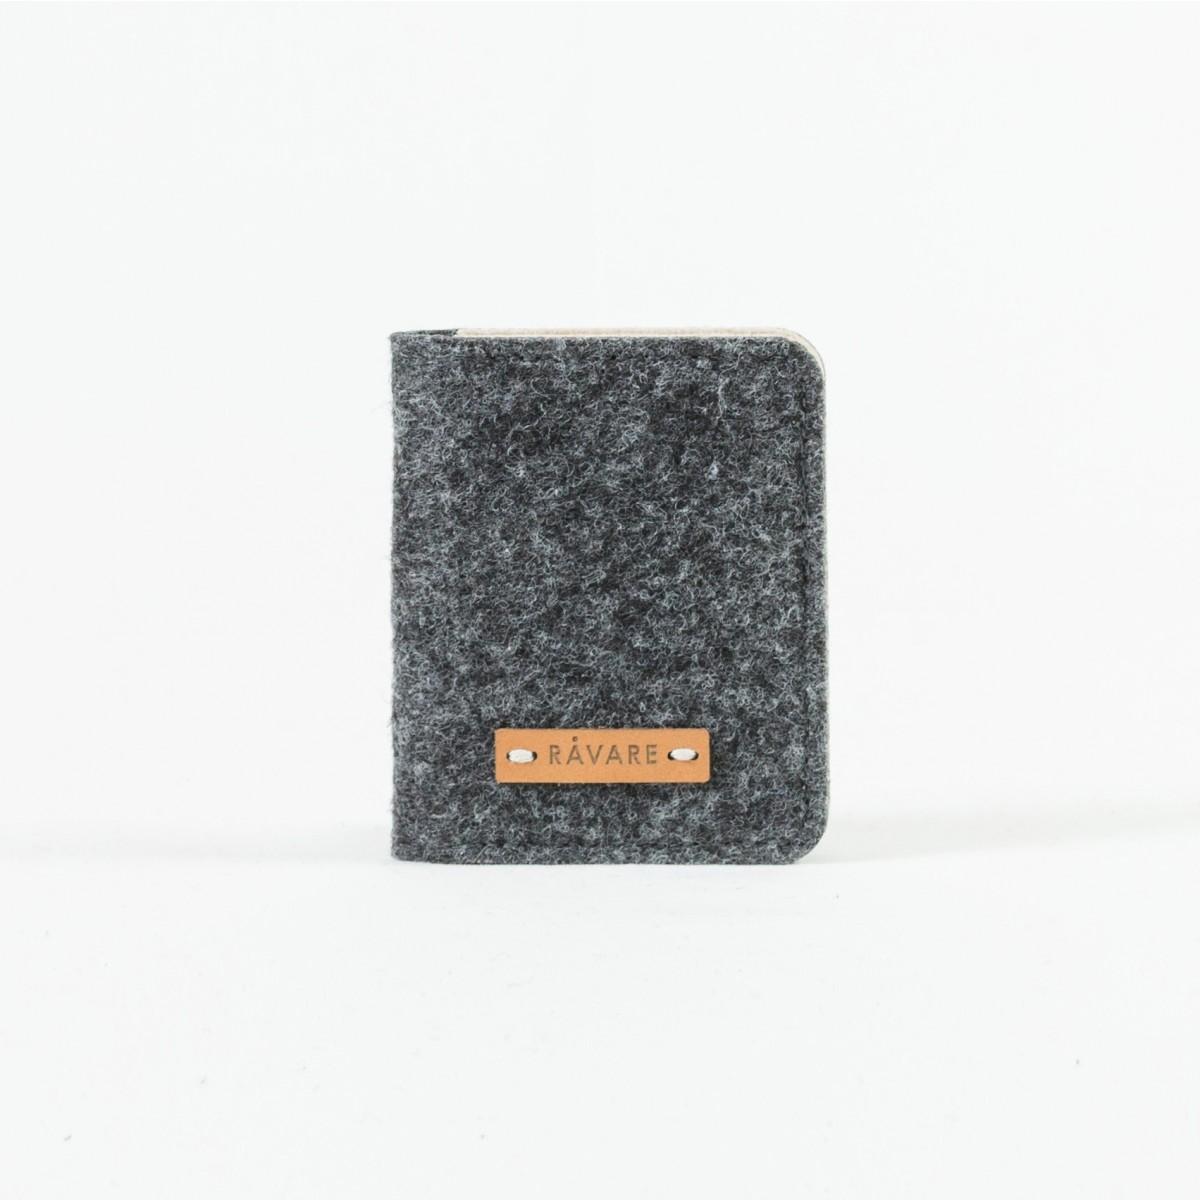 RÅVARE Kartenetui Hülle für Chipkarten in verschiedenen Farben [NALA]